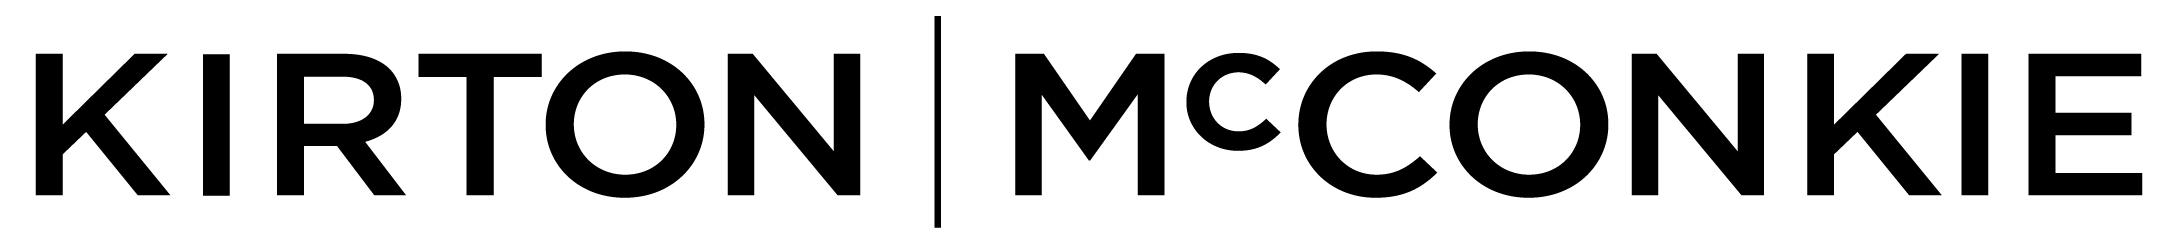 Kirton McConkie Logo